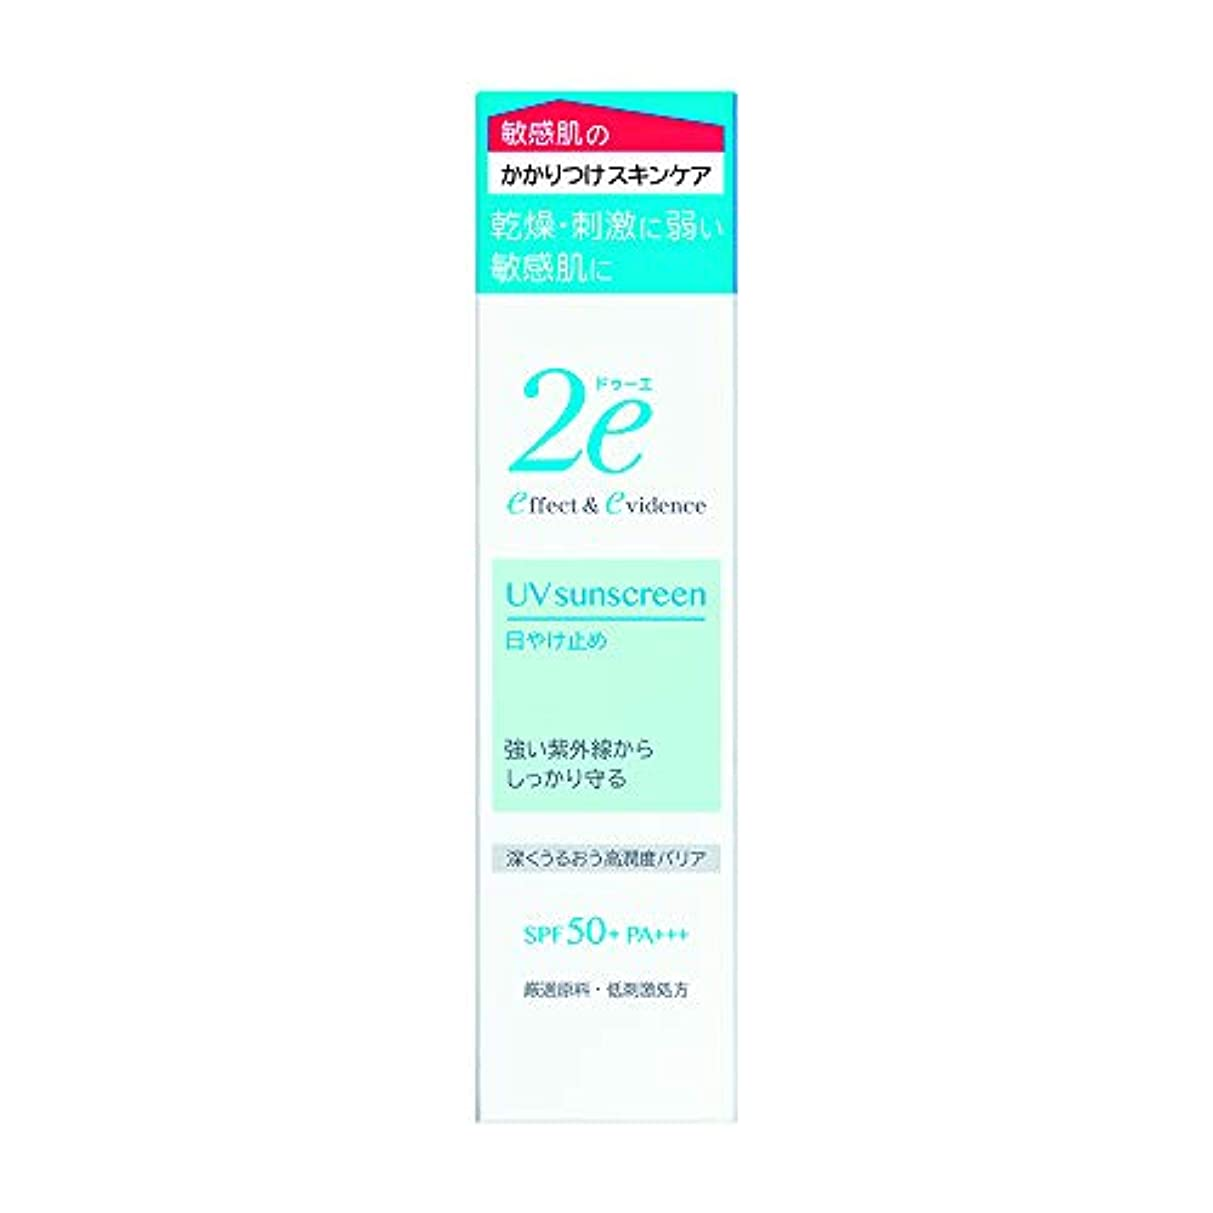 対応自己尊重一月2e(ドゥーエ) 日やけ止め 敏感肌用 低刺激処方 深くうるおう高潤度バリア 40g SPF50+ PA+++ 日焼け止め